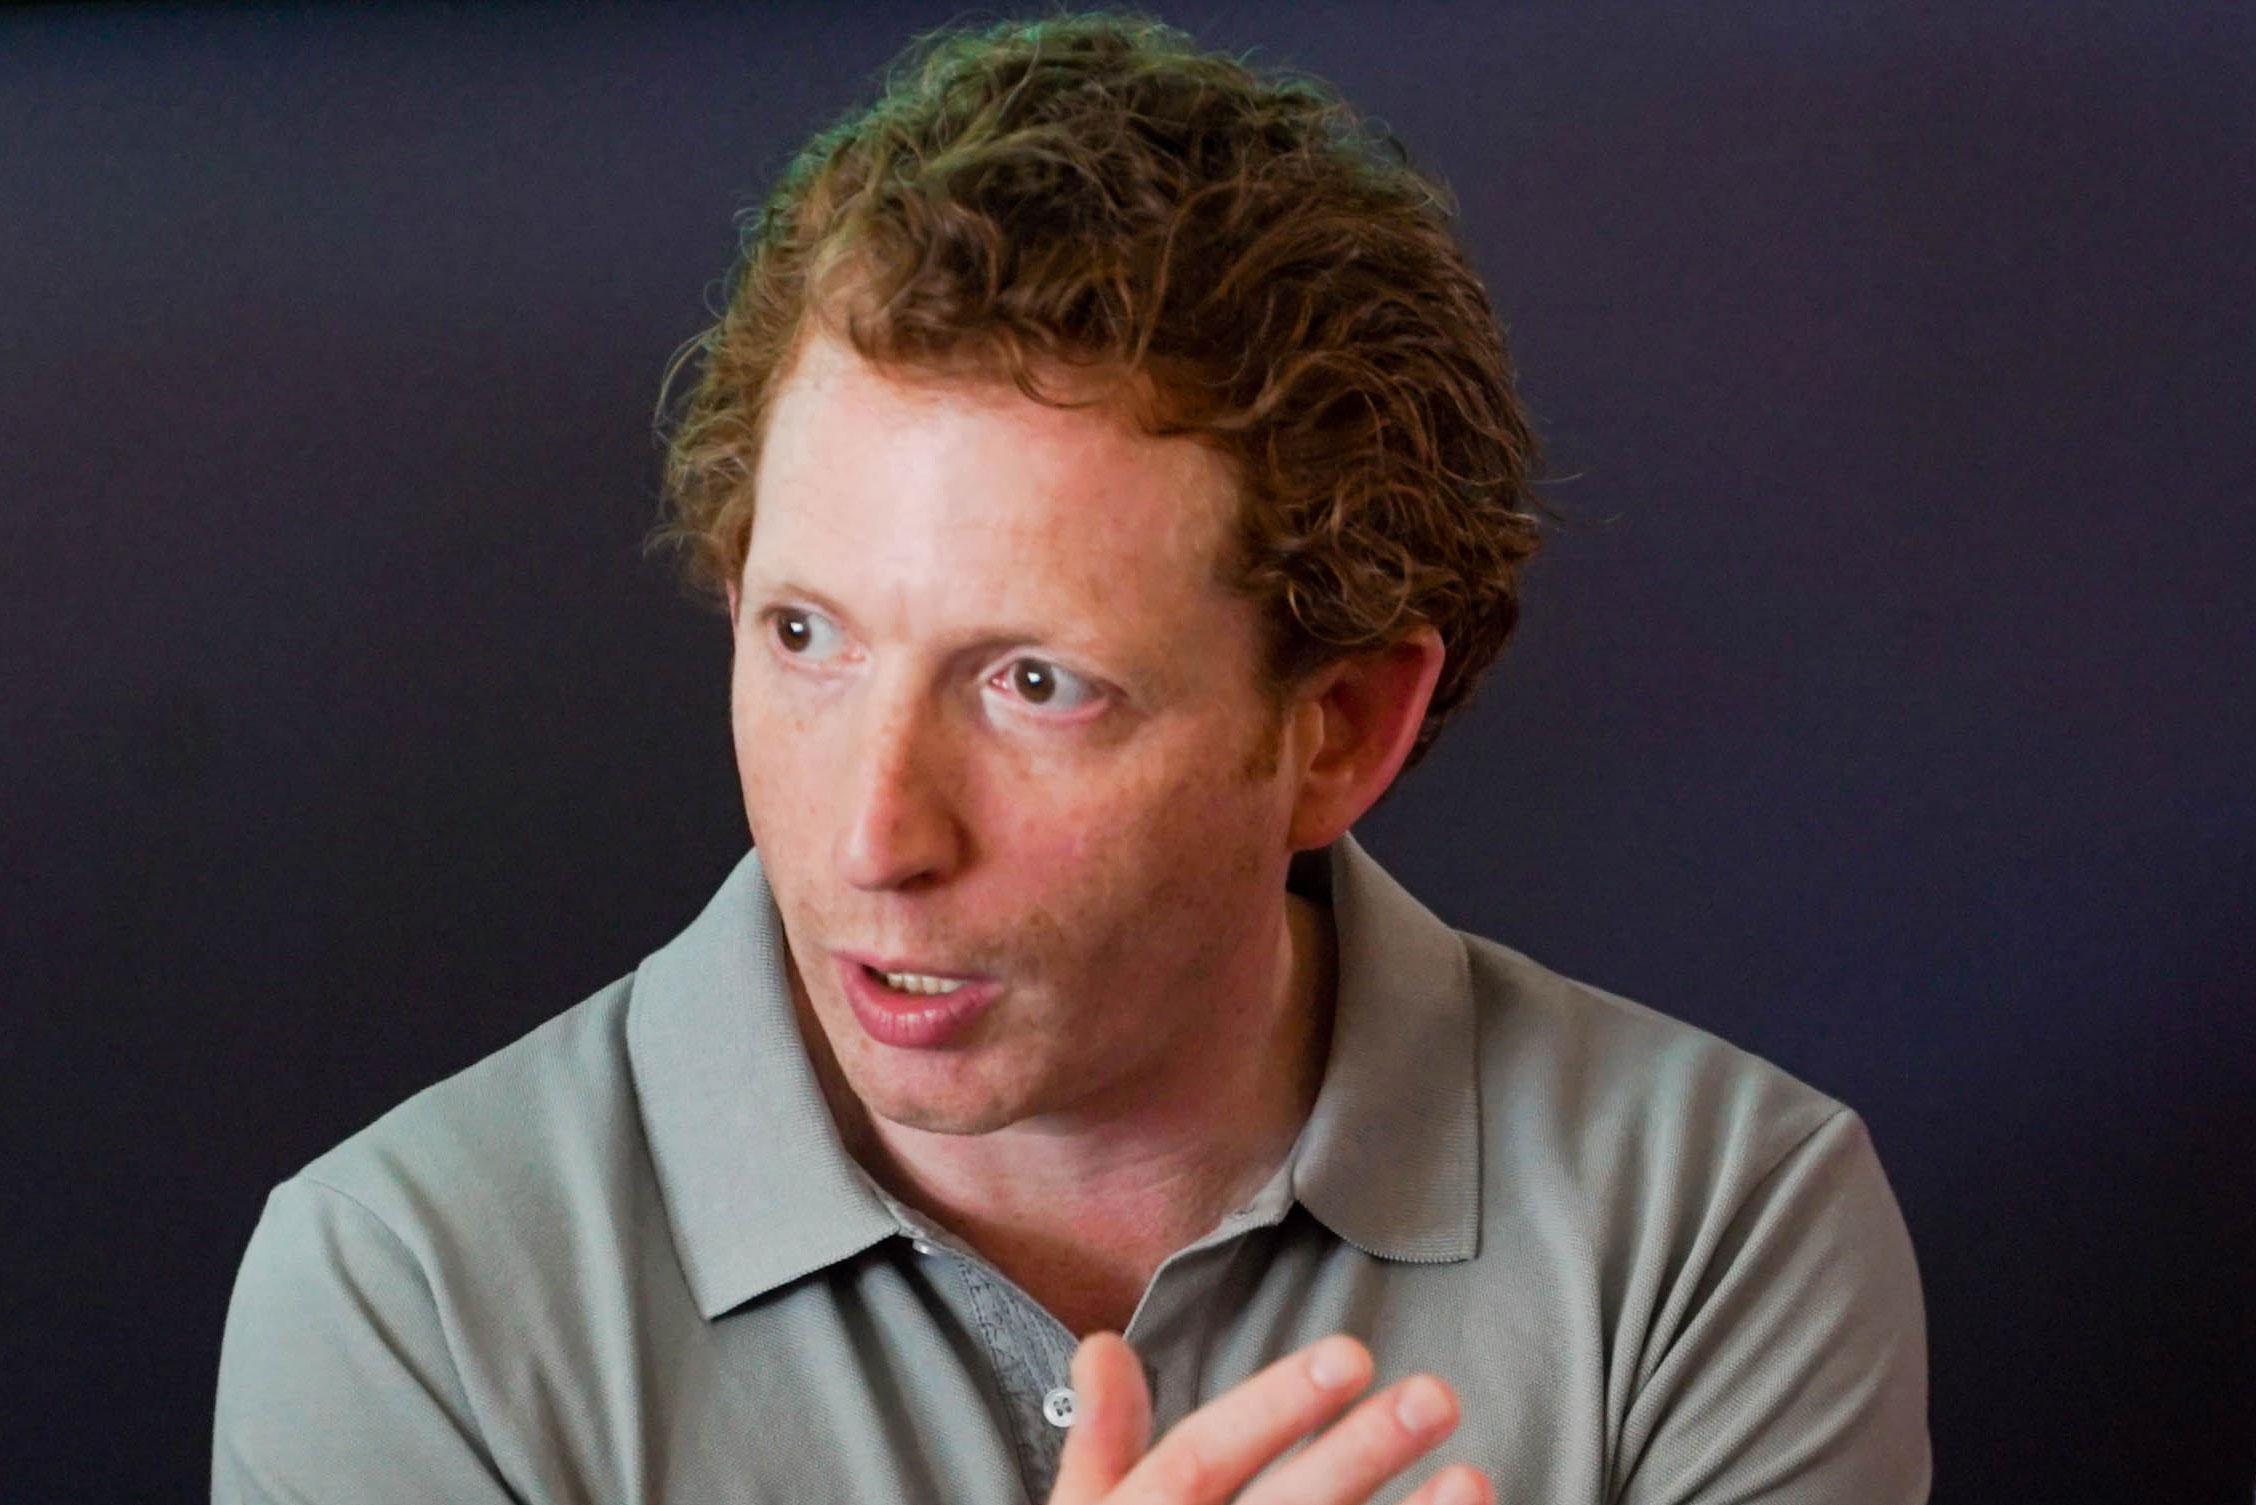 Konrad Feldman, CEO and co-founder, Quantcast